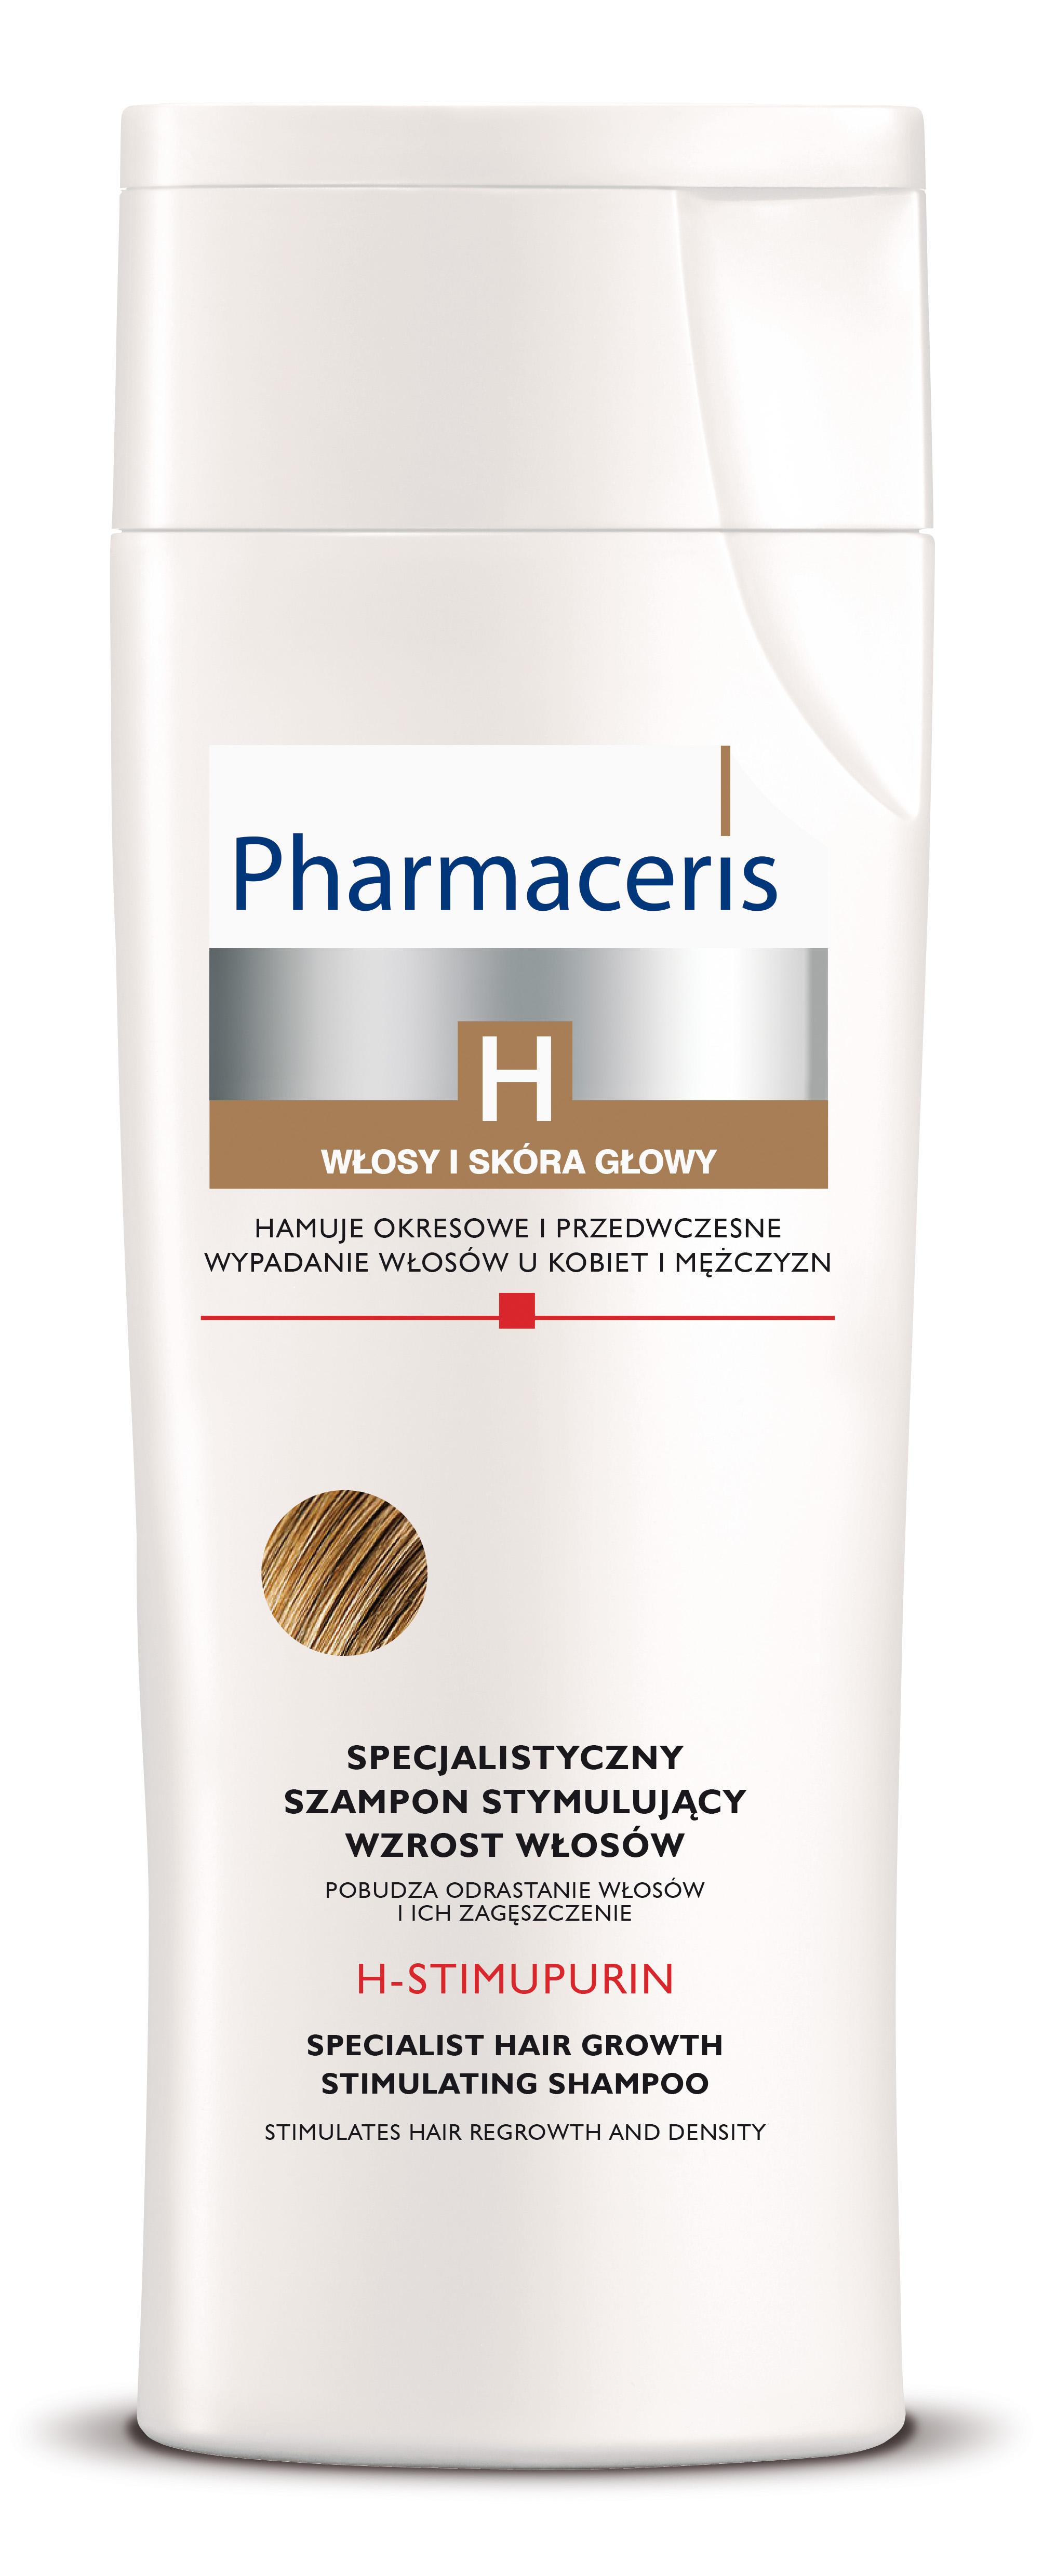 H-STIMUPURIN Specjalistyczny szampon stymulujący wzrost włosów